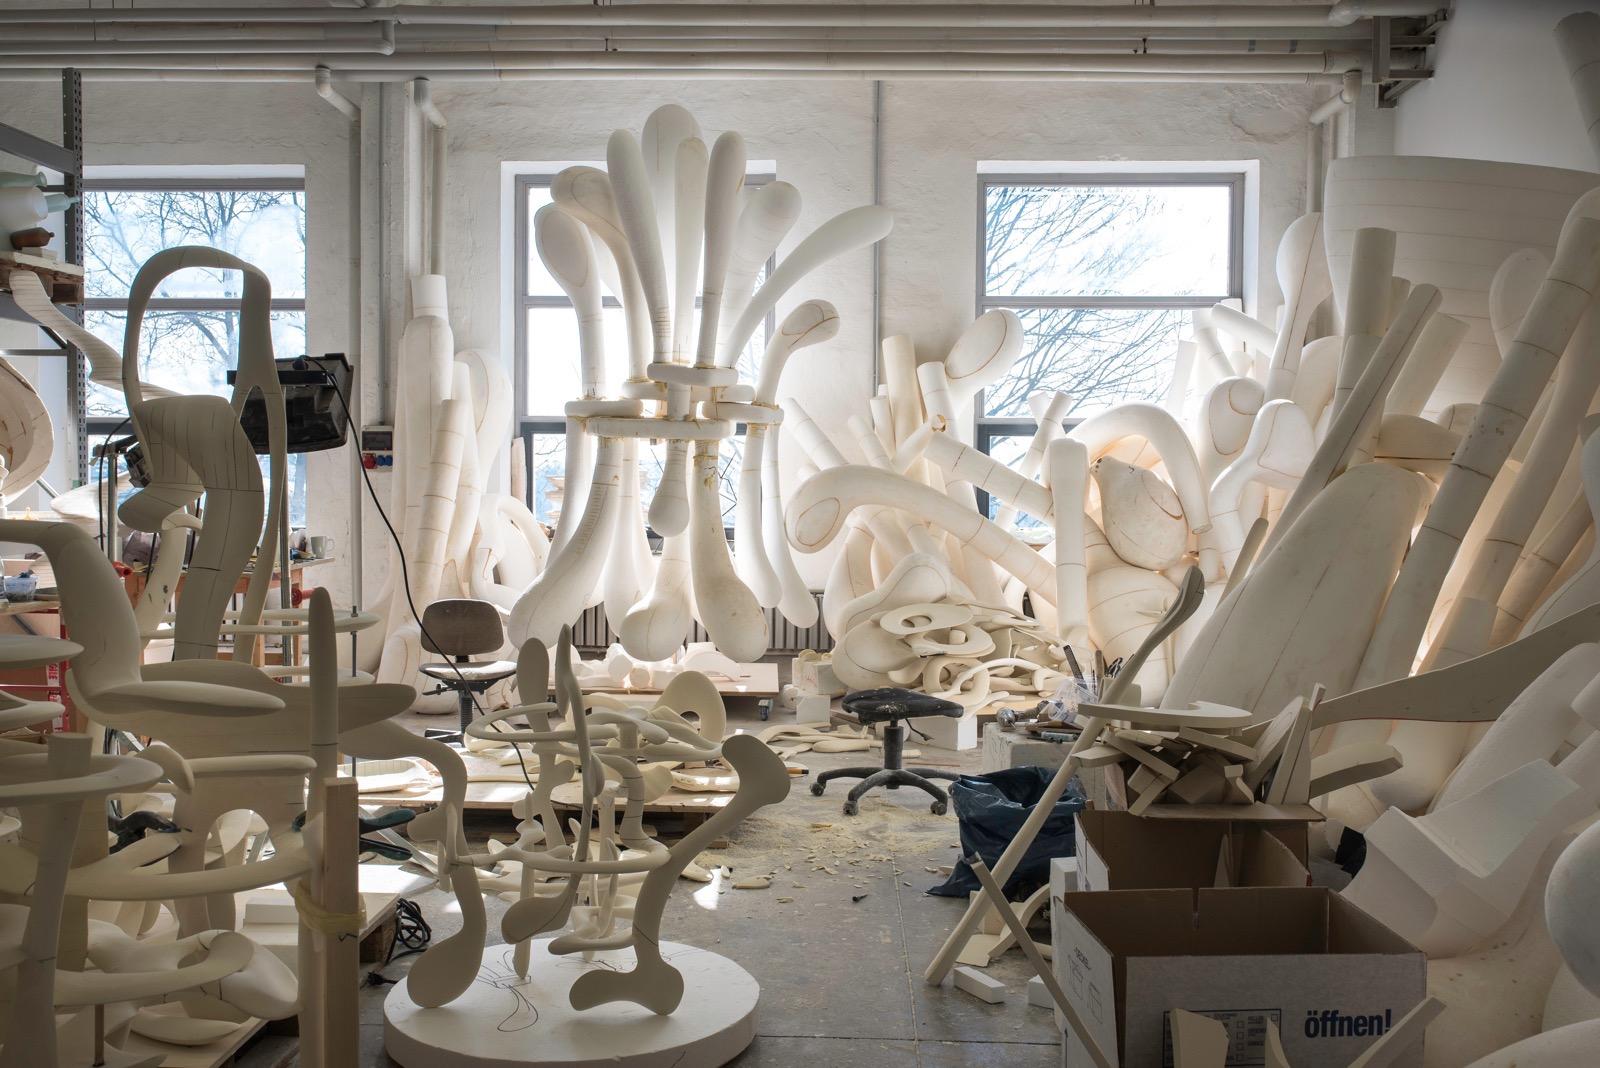 Tony Cragg studio